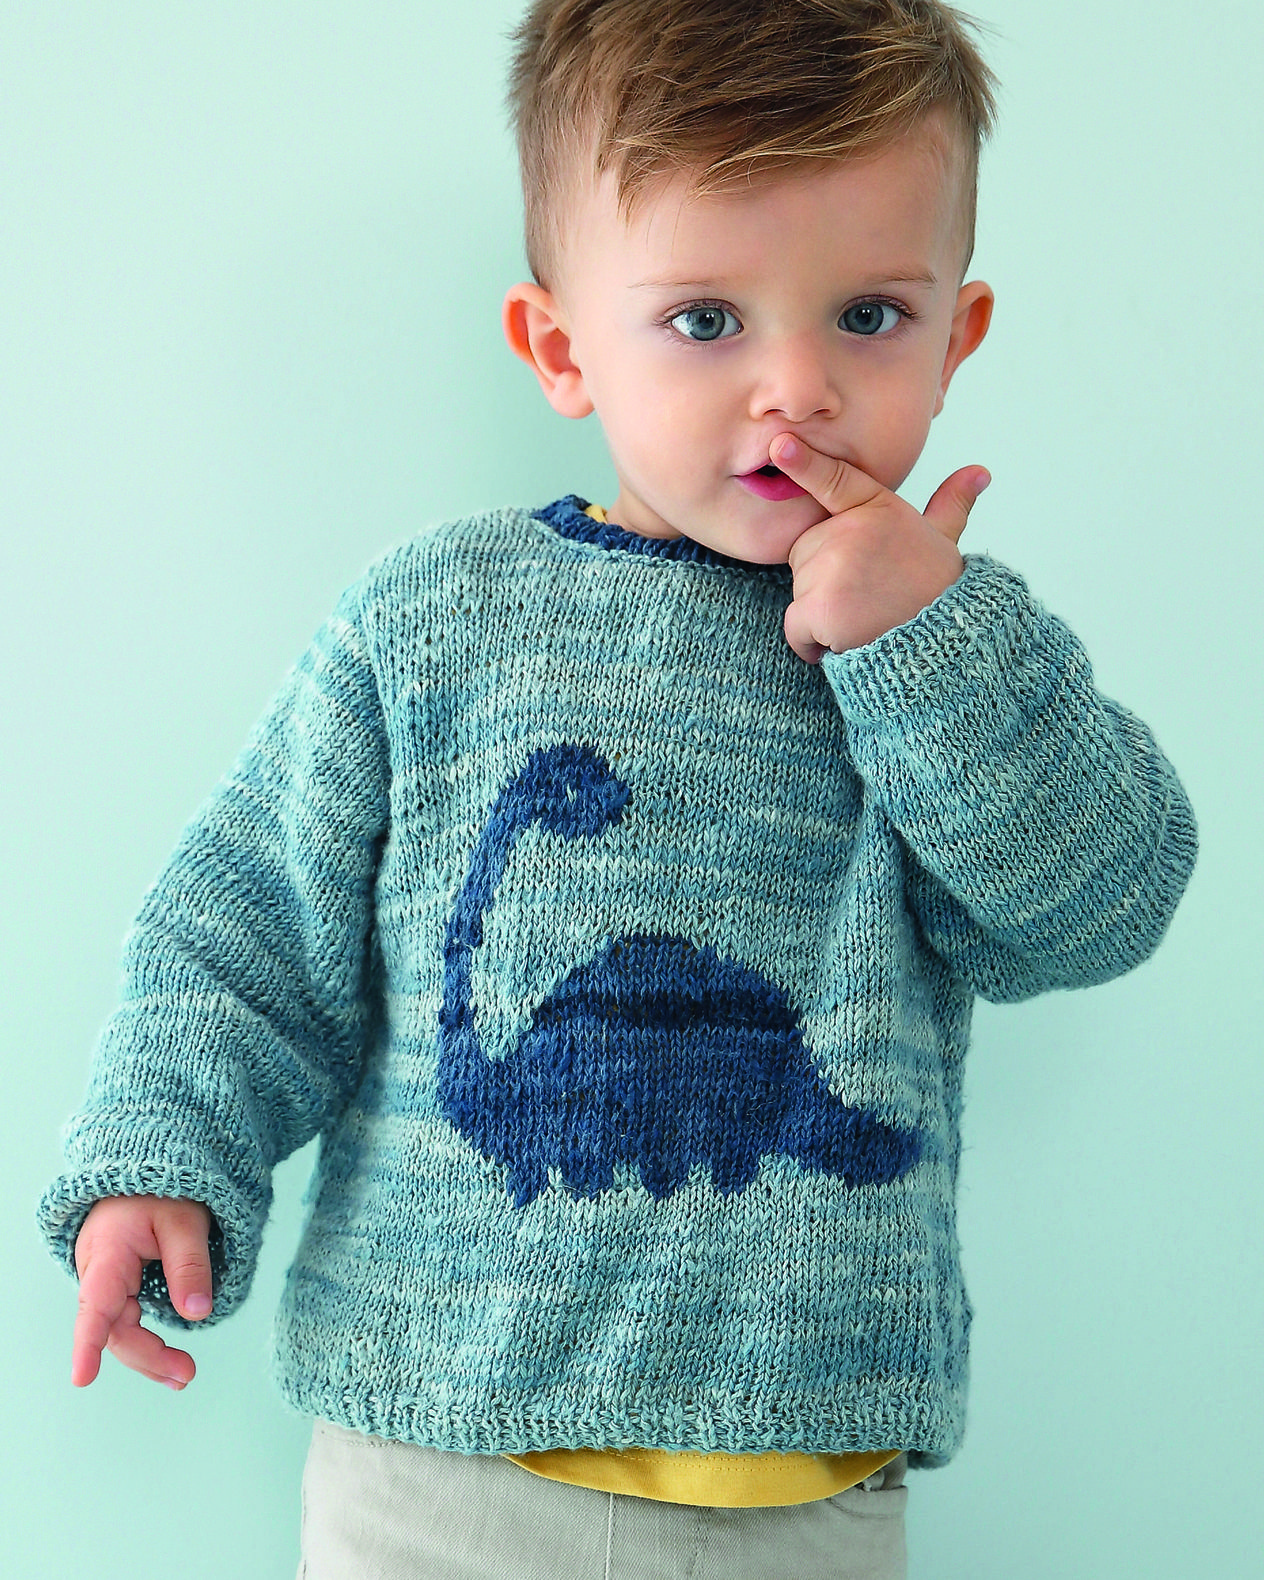 Modèle Pull Garçon Isidore Phil Nature | Tricot, Modele tricot enfant, Tricot phildar